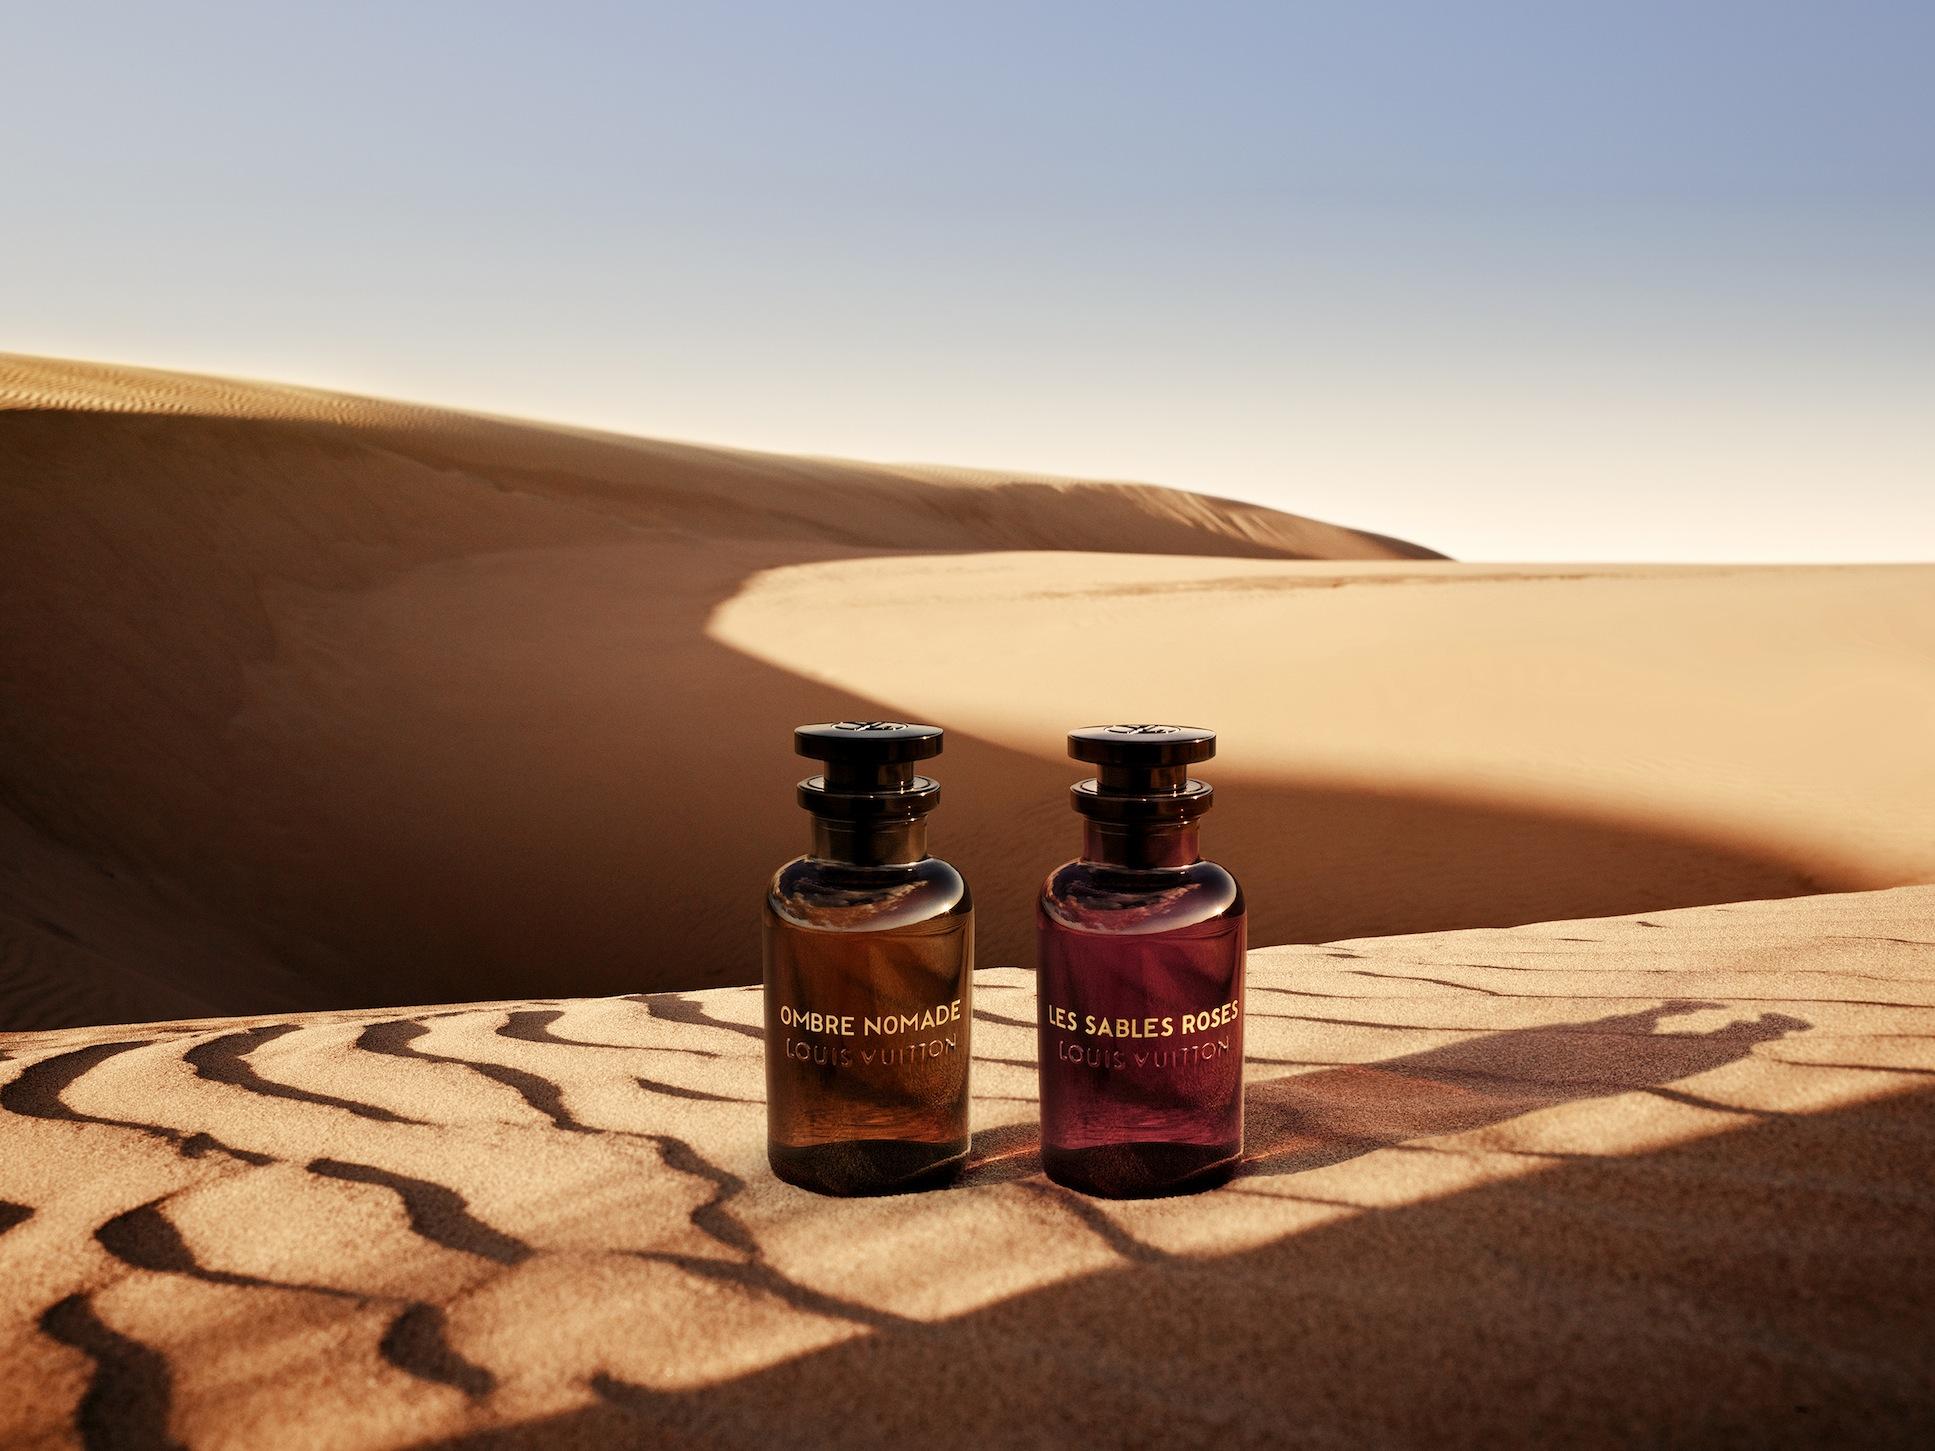 ルイ・ヴィトン新フレグランス<br>中東の香水文化をオマージュ